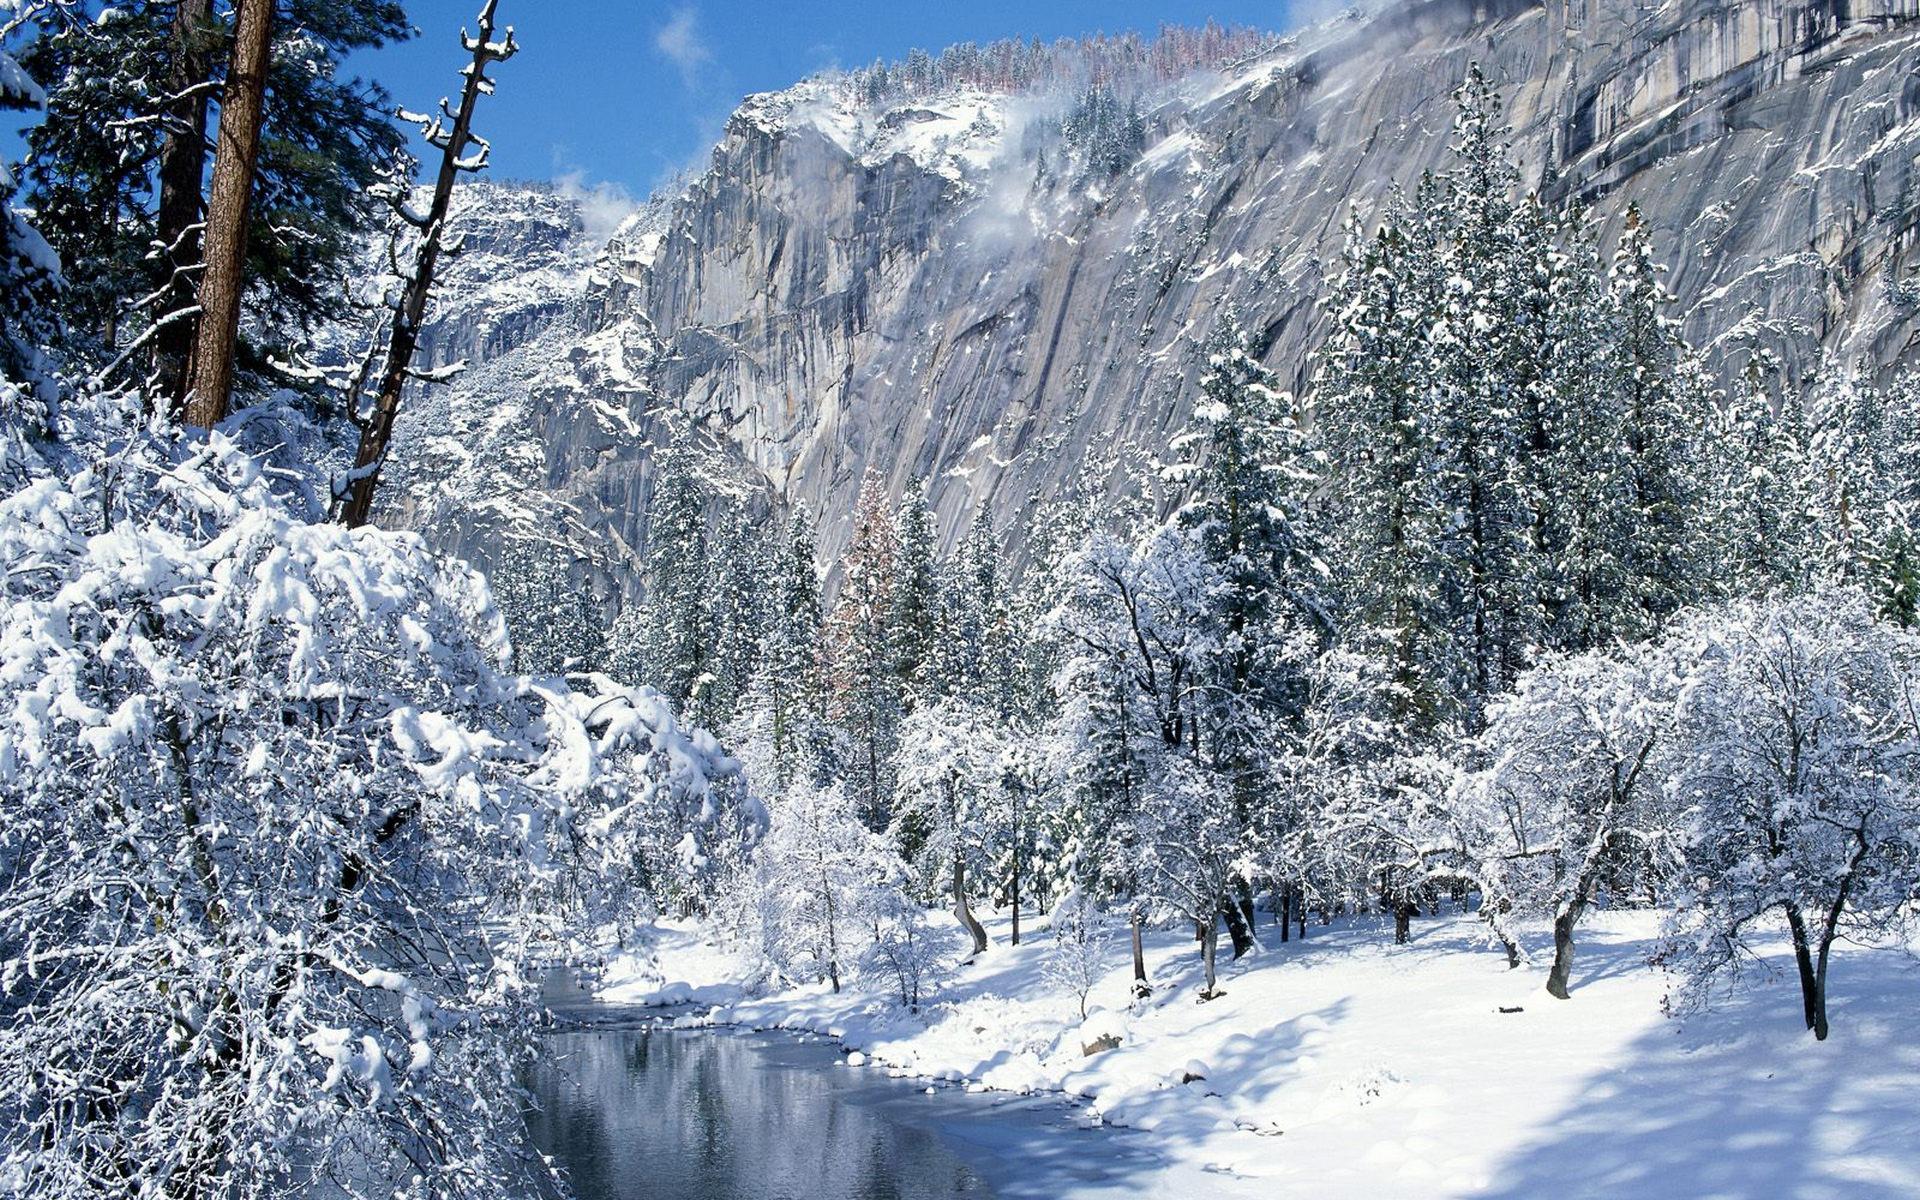 лучшие картинки зимы на рабочий стол